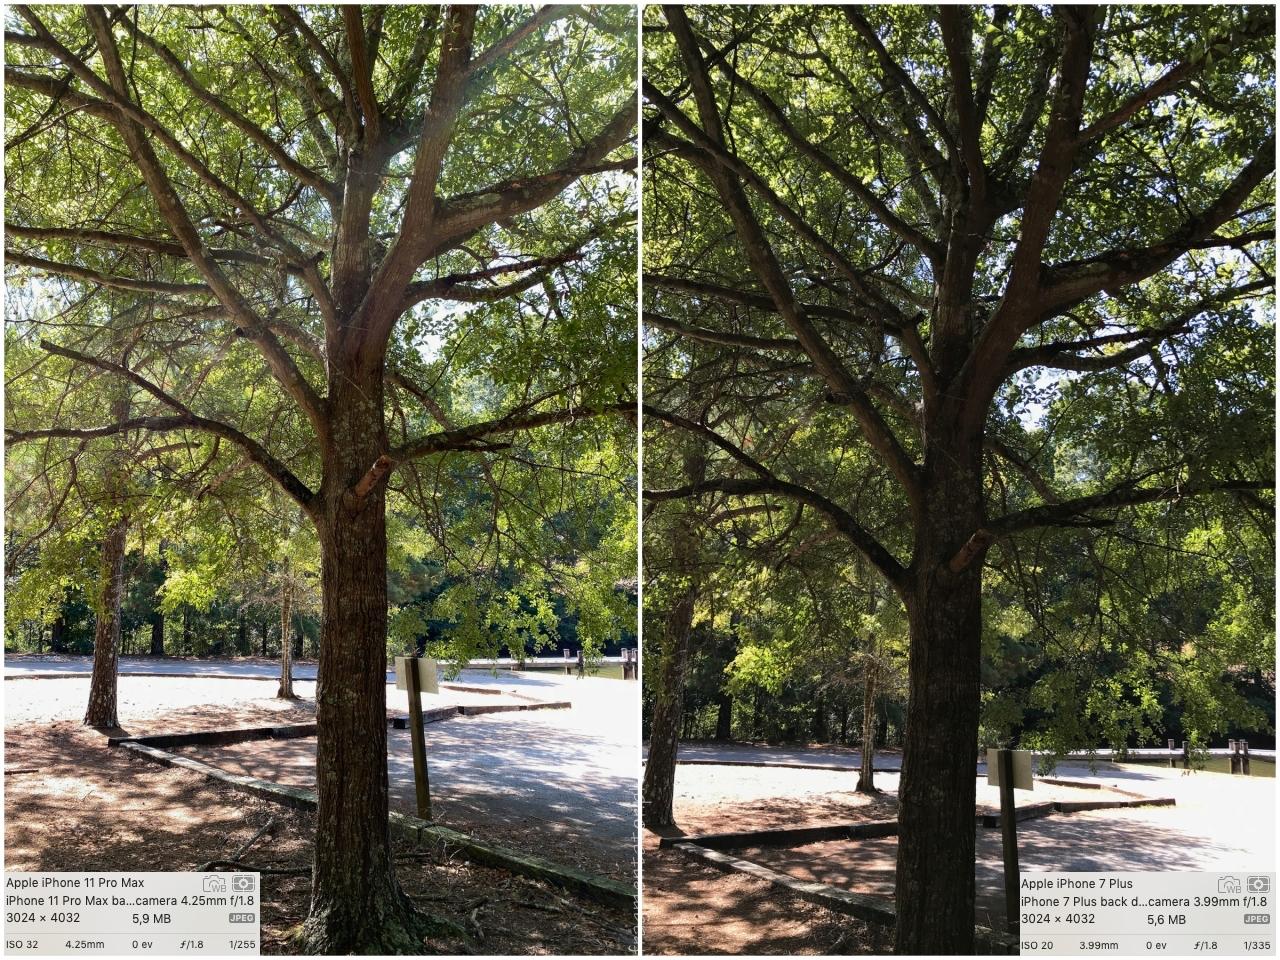 przykładowe zdjęcia iPhone 11 Pro Max photo 03